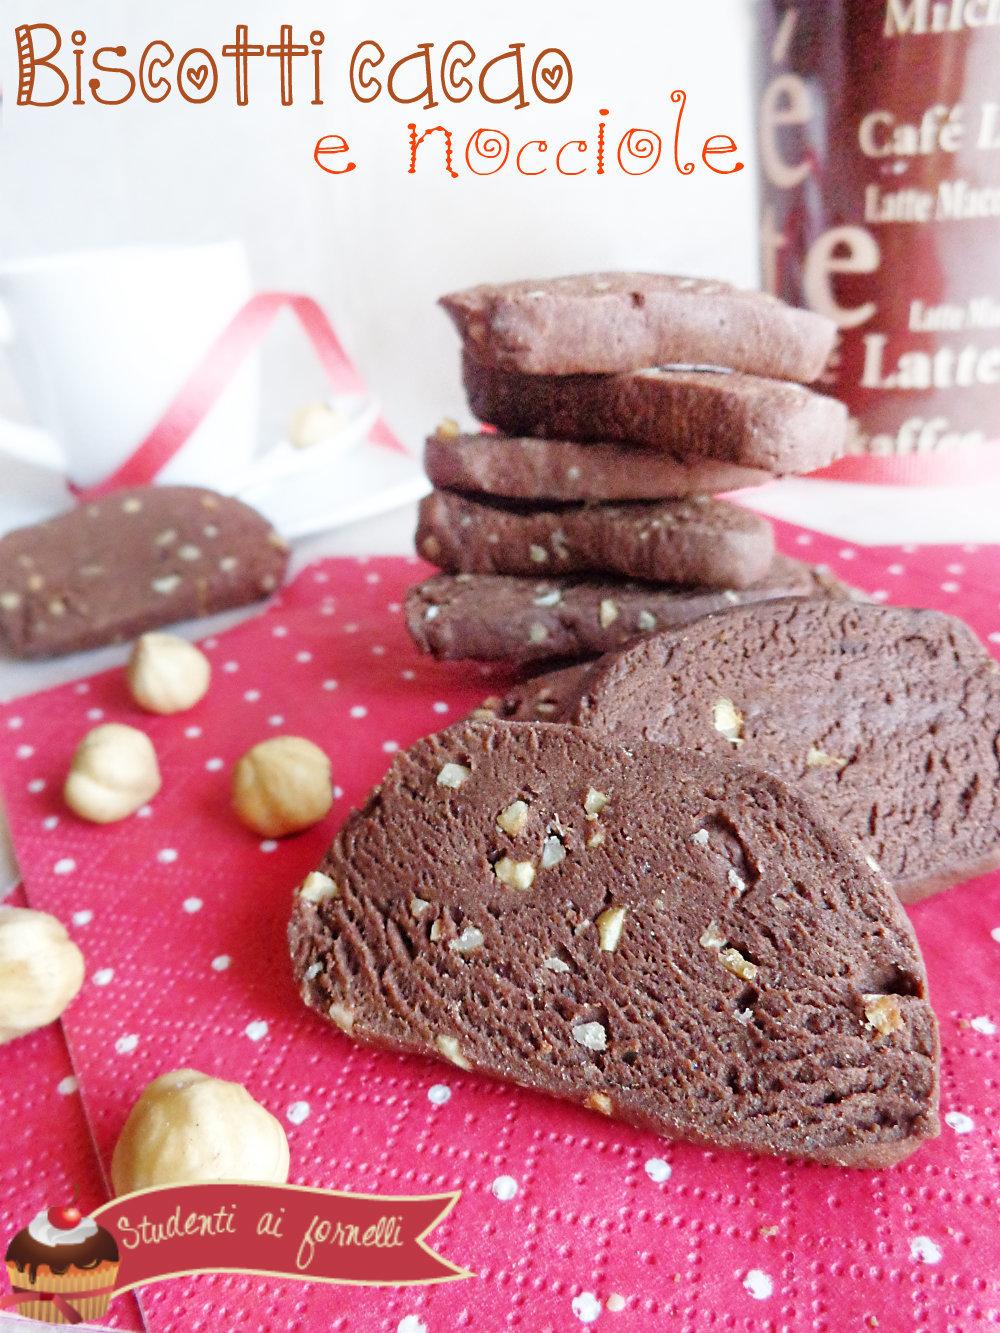 biscotti cacao e nocciole senza uova ricetta biscotti simil batticuore mulino bianco pasta frolla al cacao e nocciole senza uova senza latte ricetta per biscotti